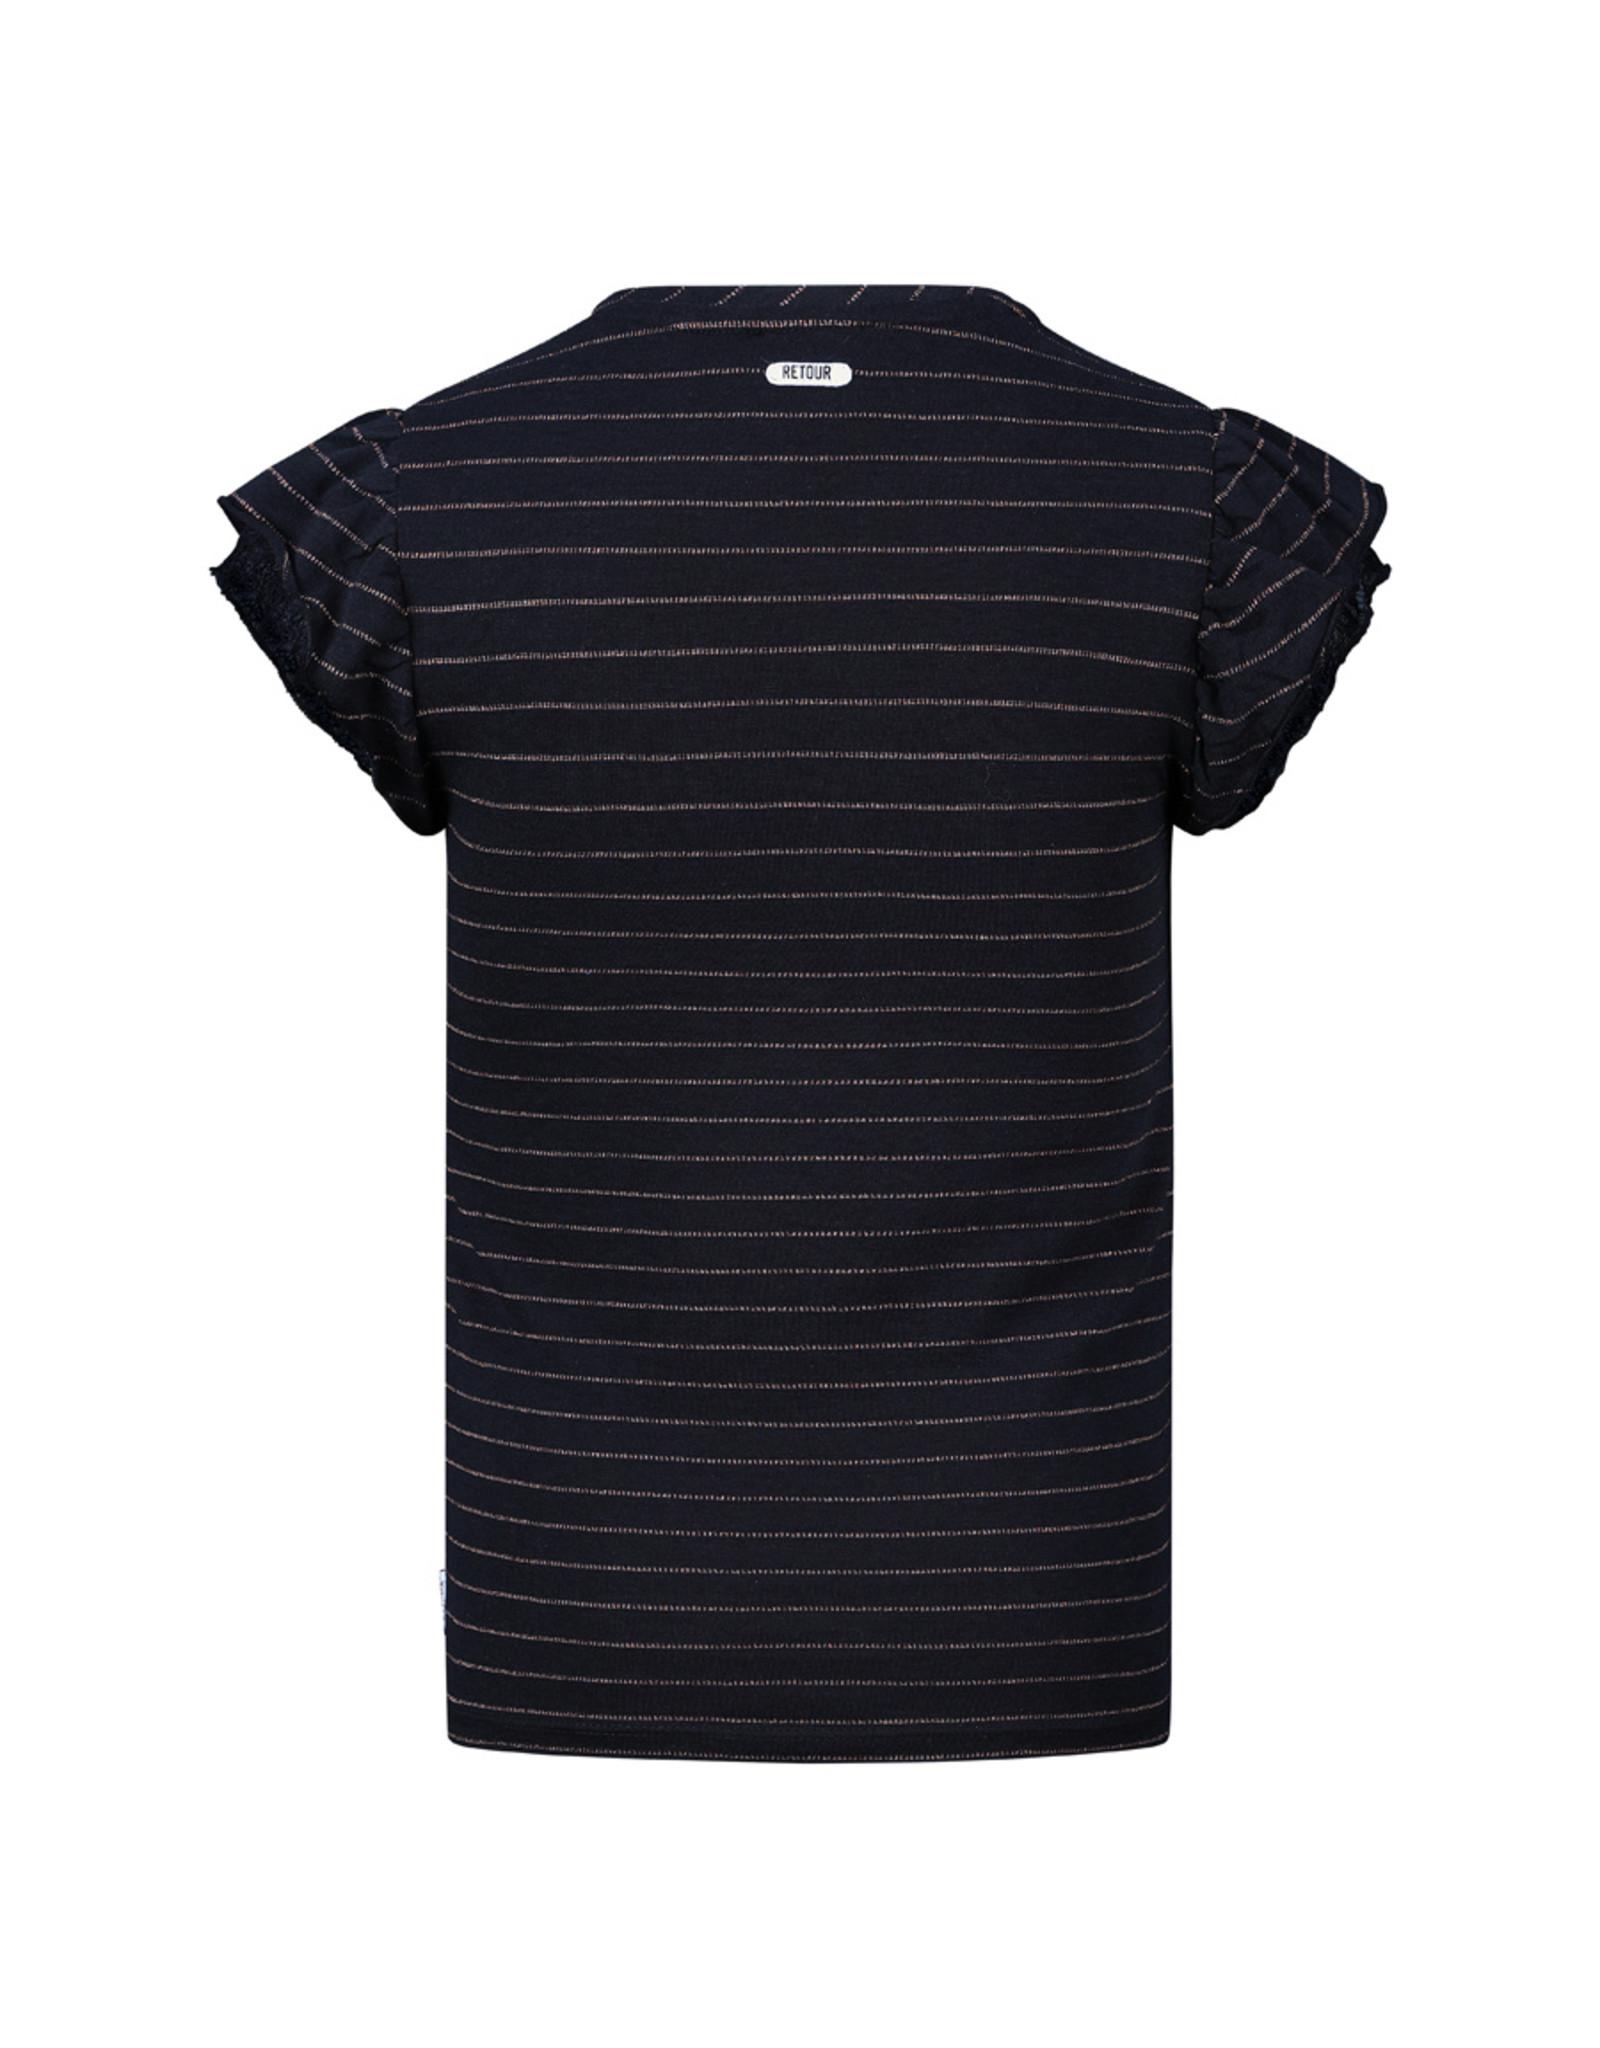 Retour Jeans T-shirt Kate Black